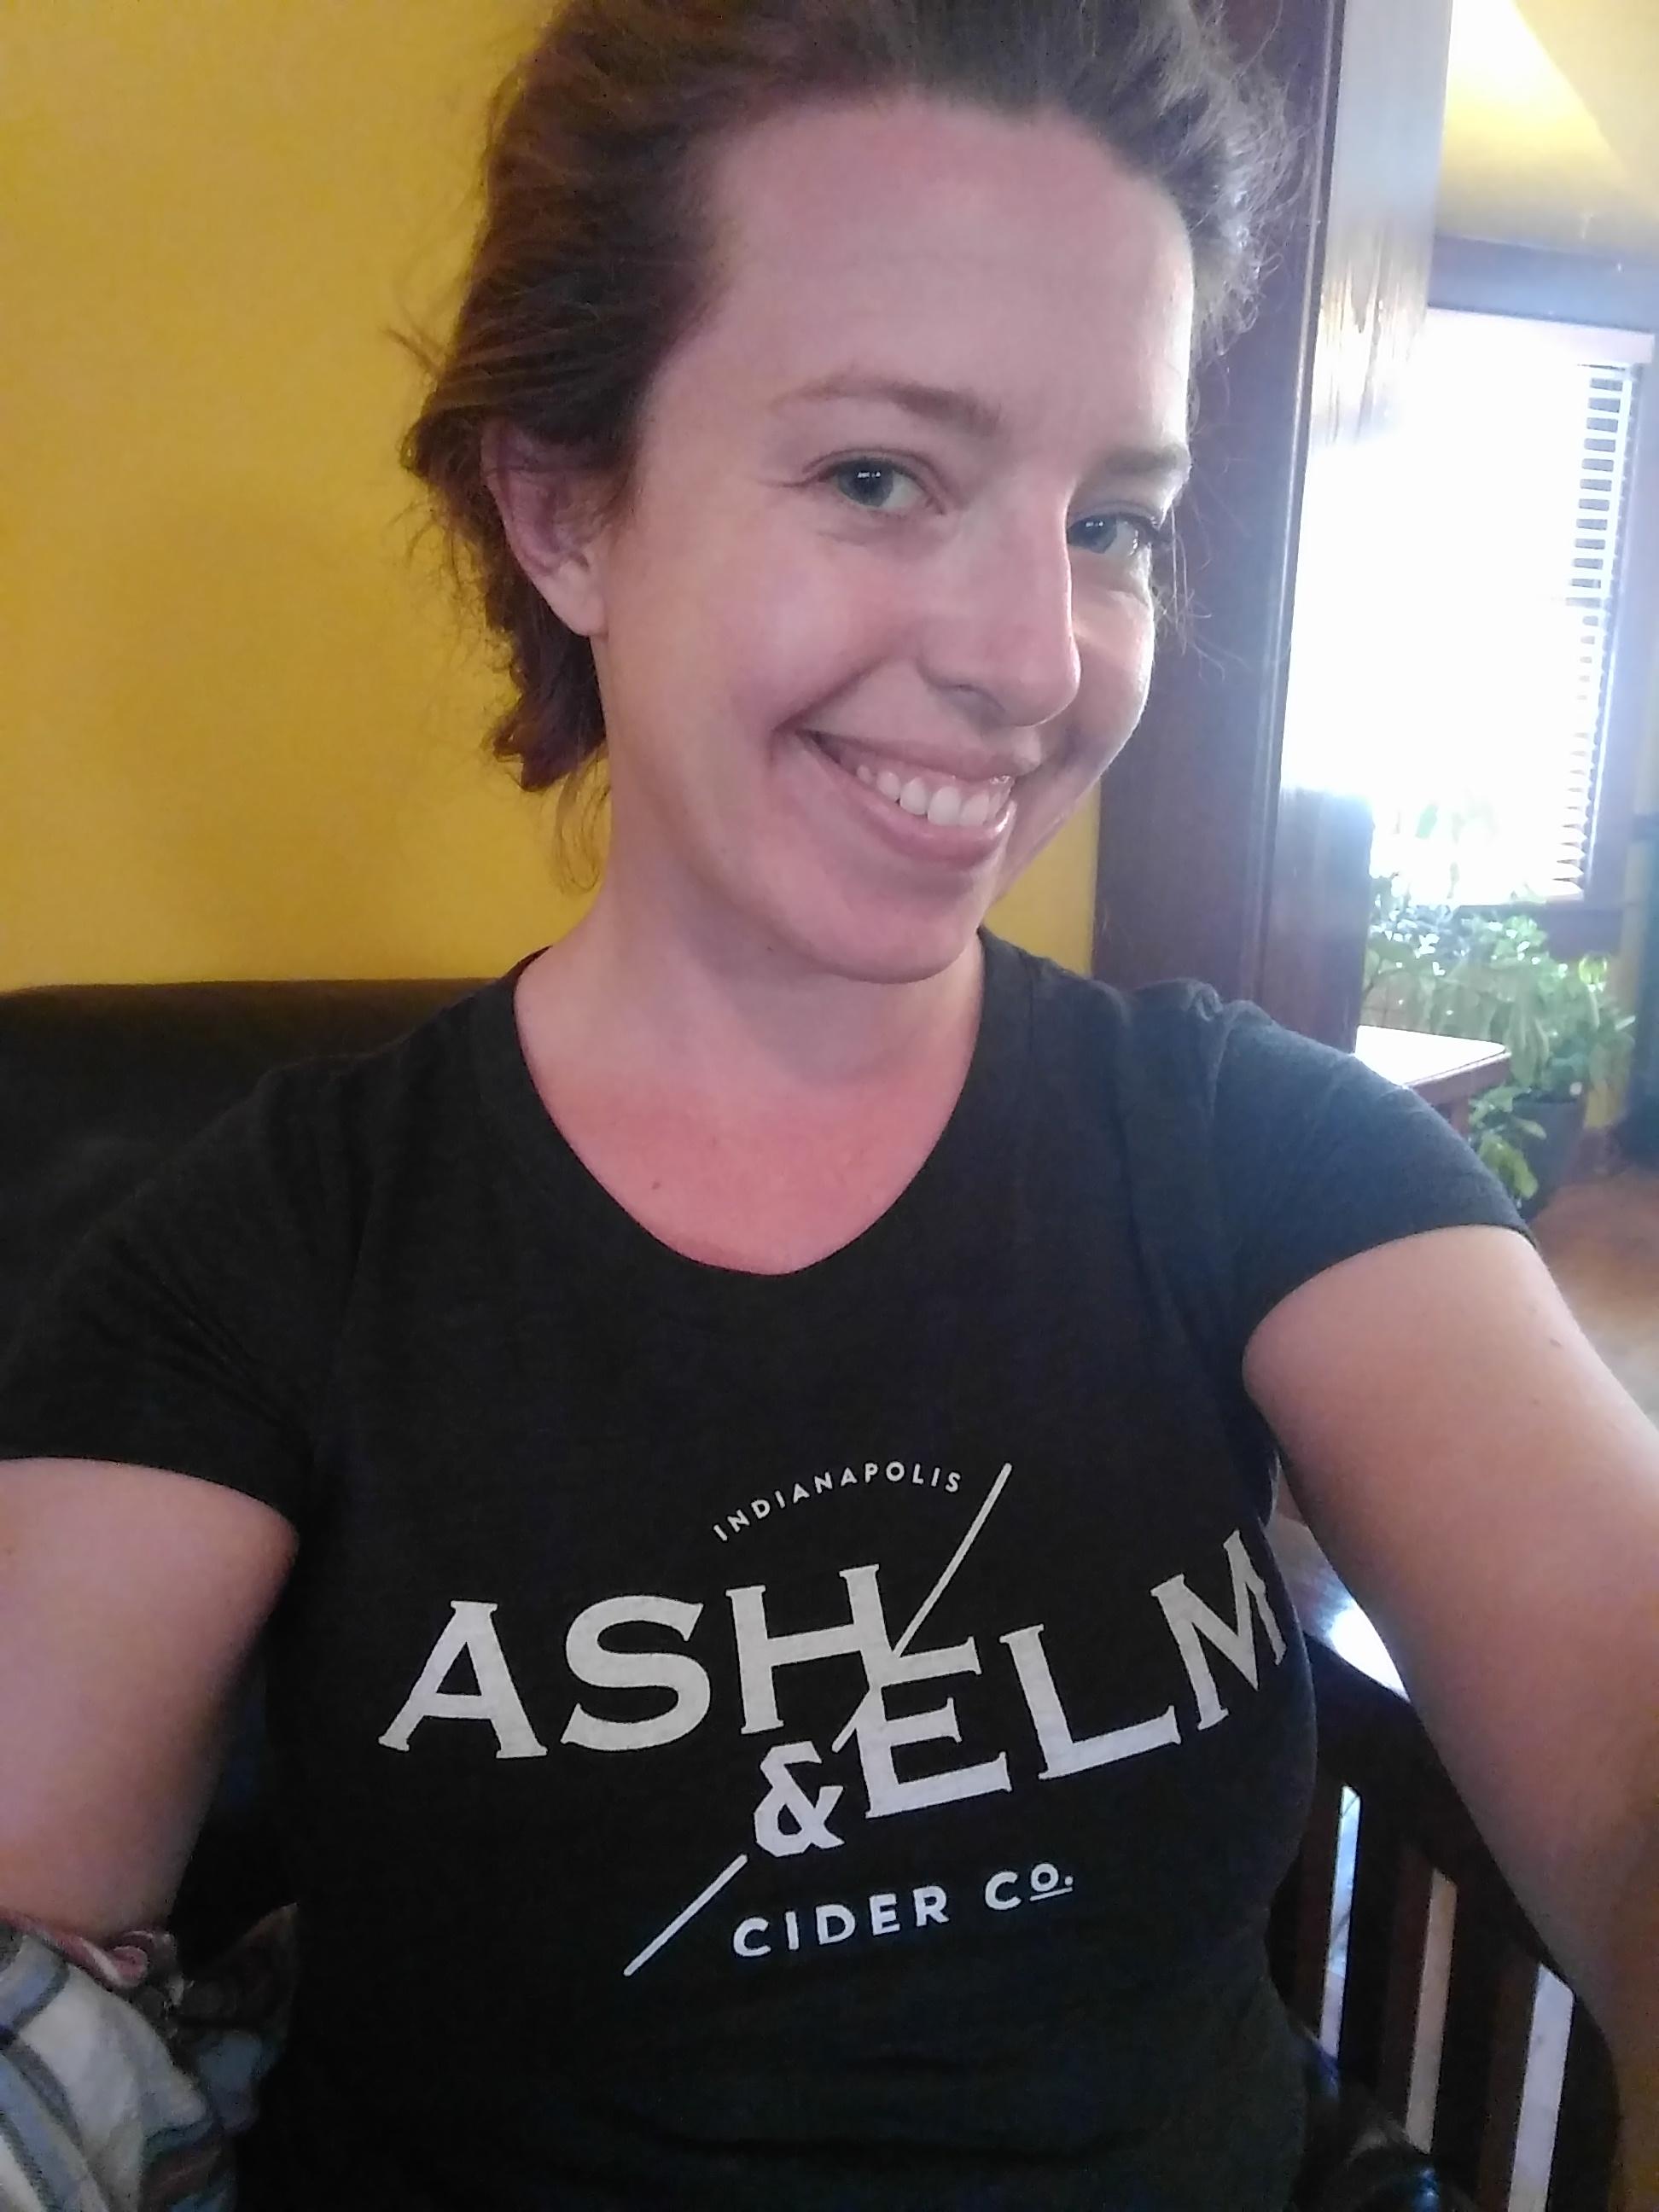 Heyyyy...A&E Shirt Selfie!